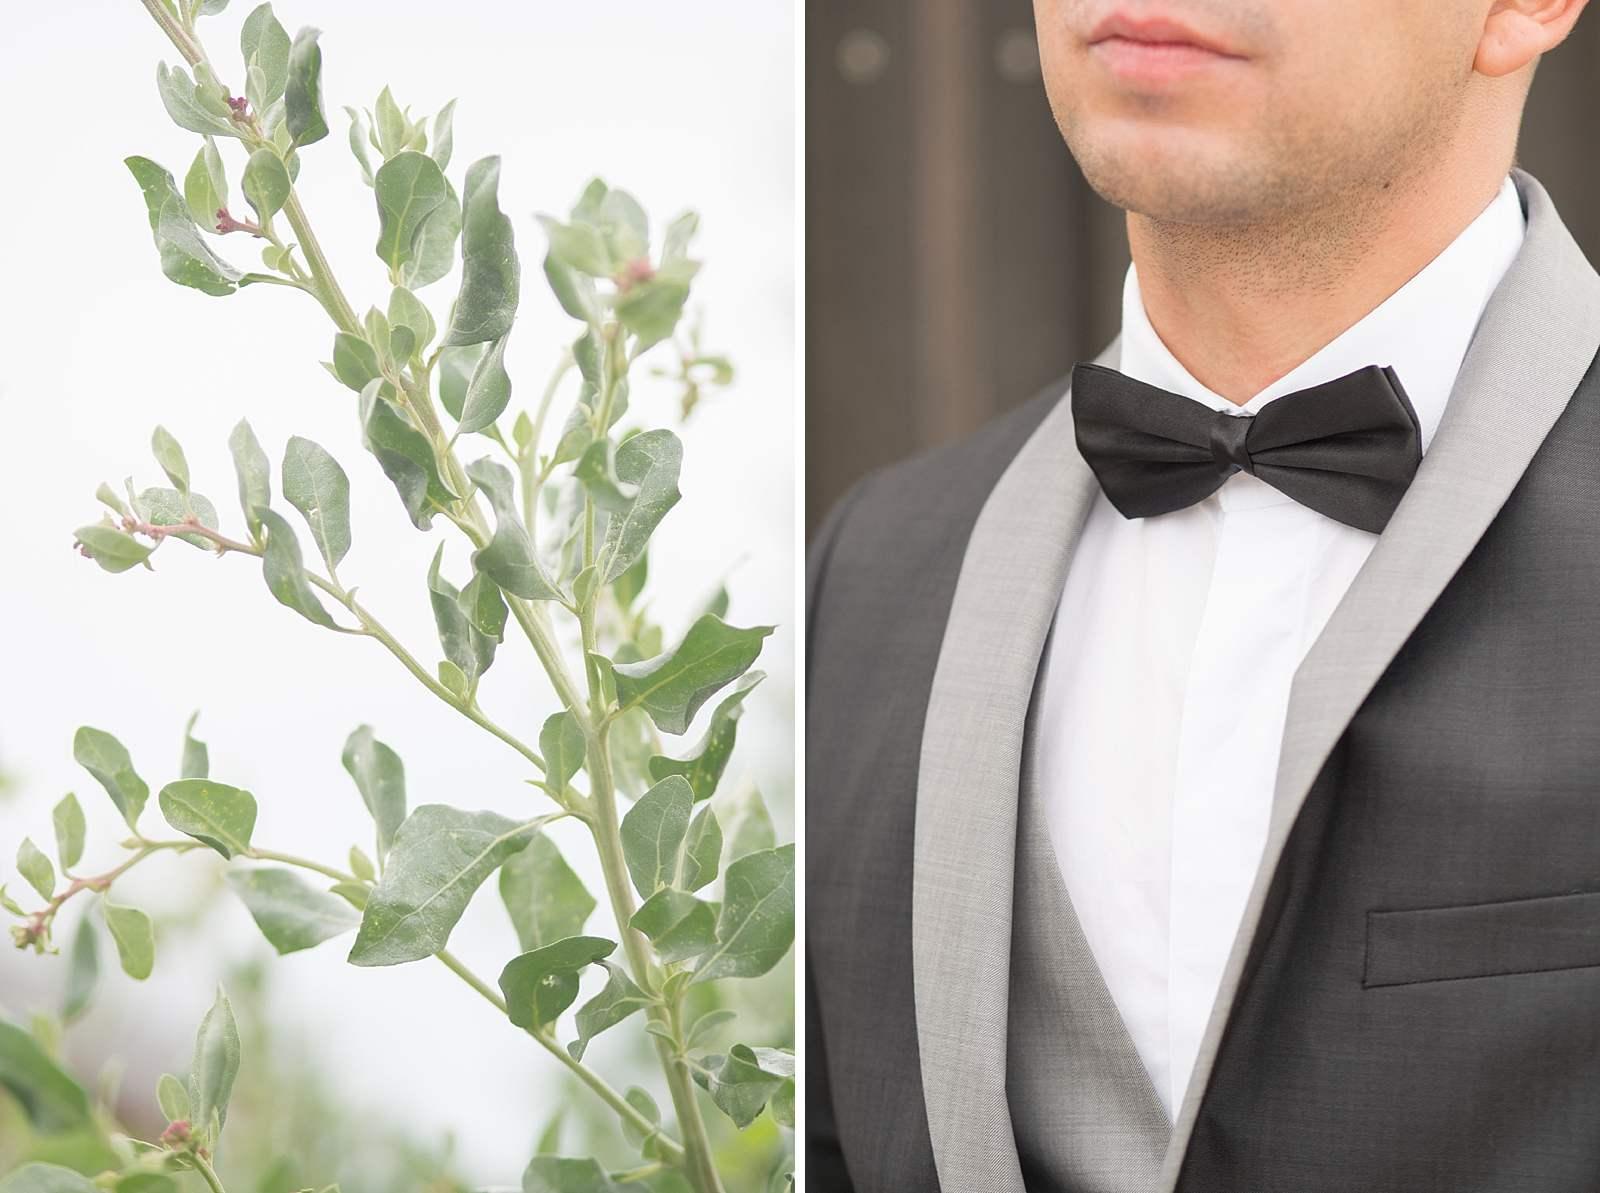 détails sur le costume de mariage du marié. costume gris foncé et noeud de papillon noir